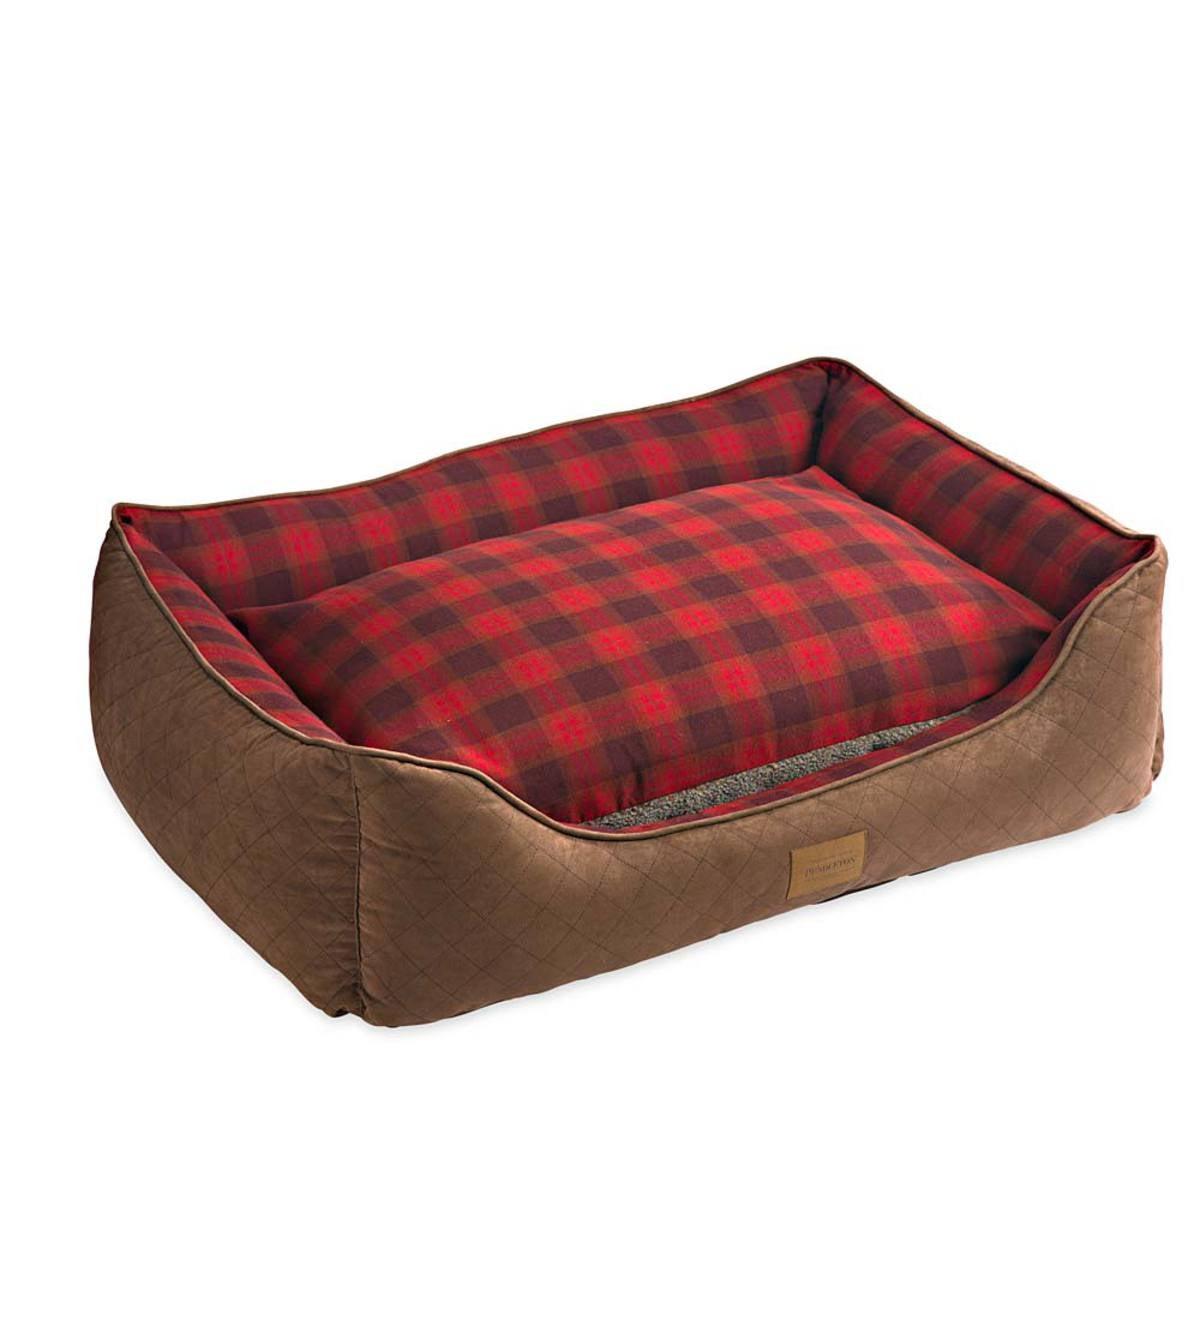 Pendleton Cuddle Dog Bed In Tartan